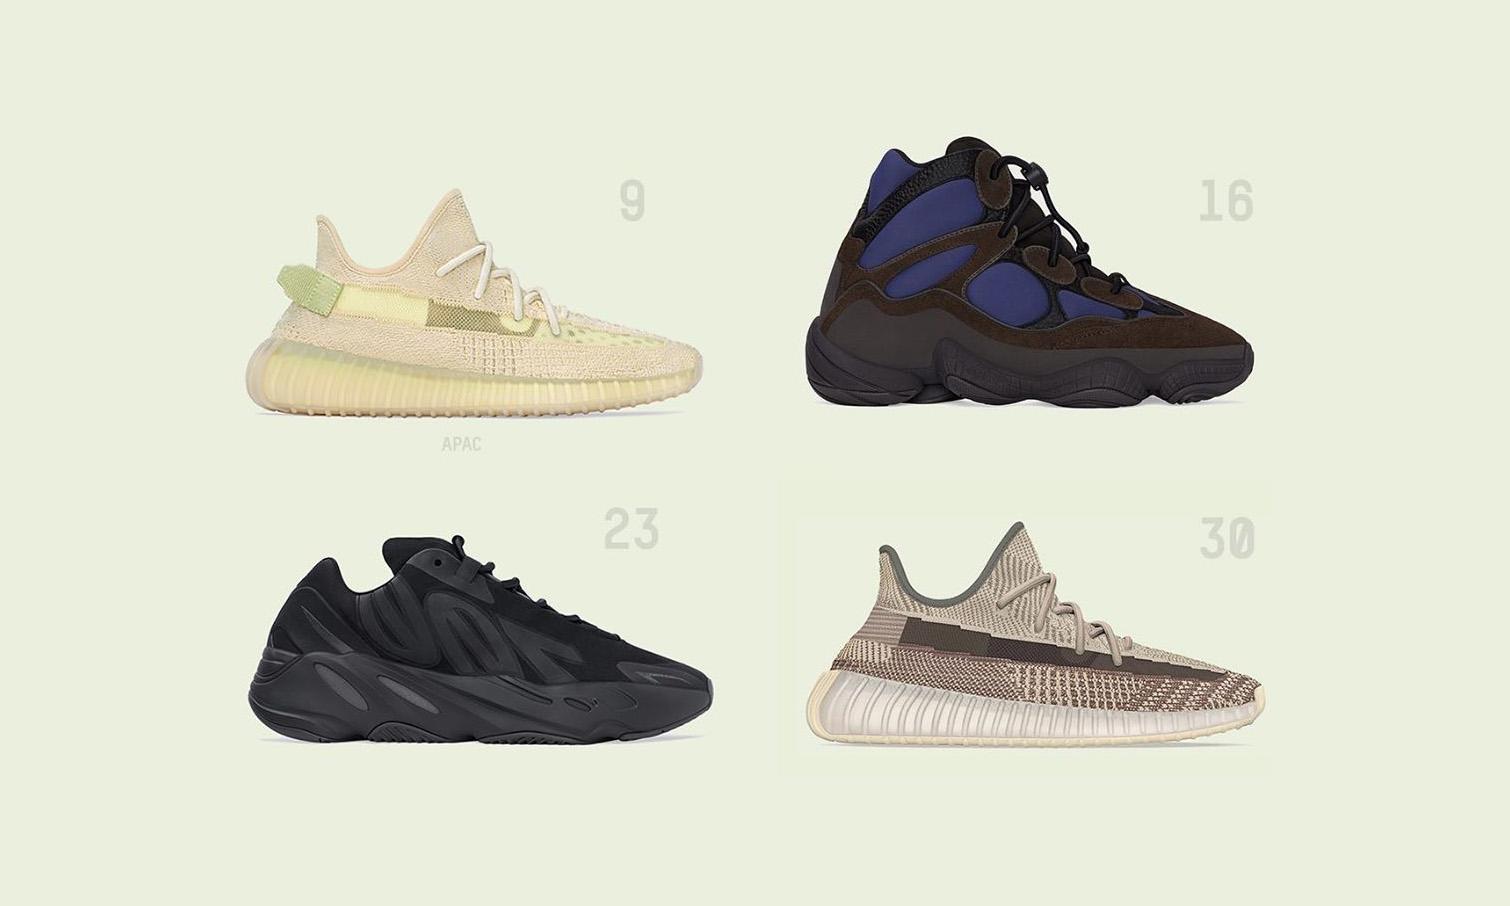 4 双 YEEZY 鞋款将在 5 月迎来发售